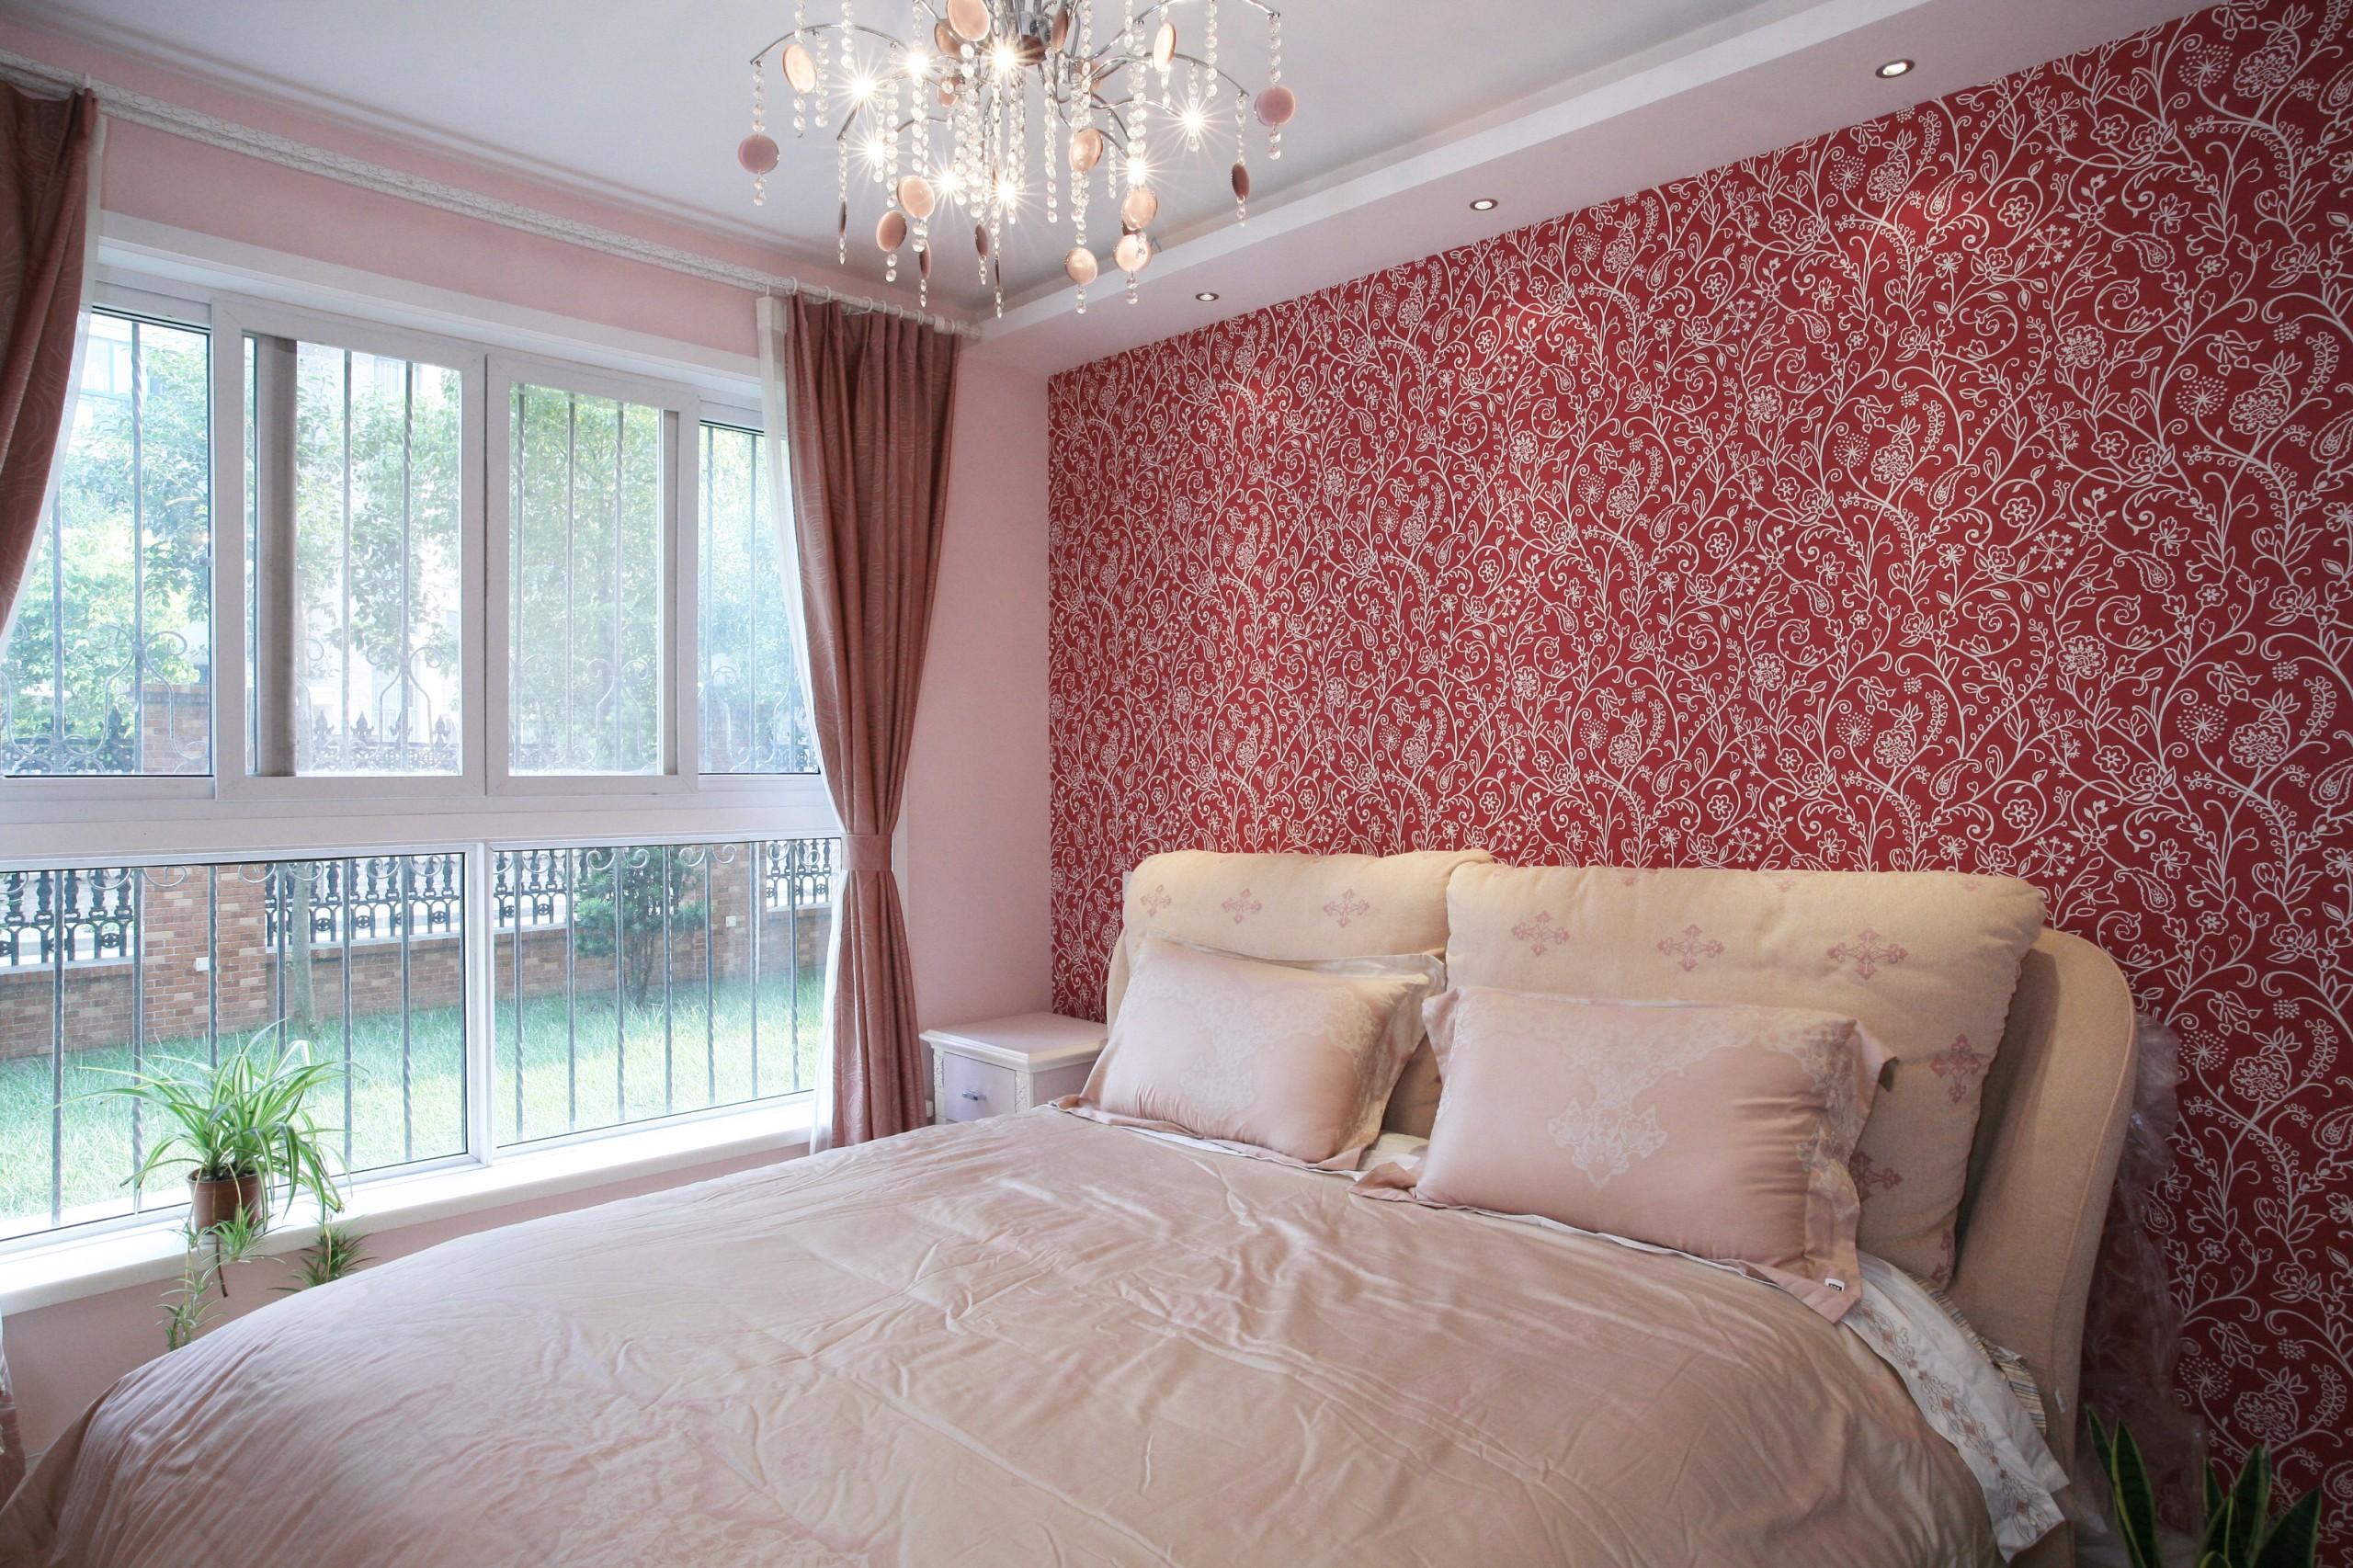 卧室装修图片温馨小屋